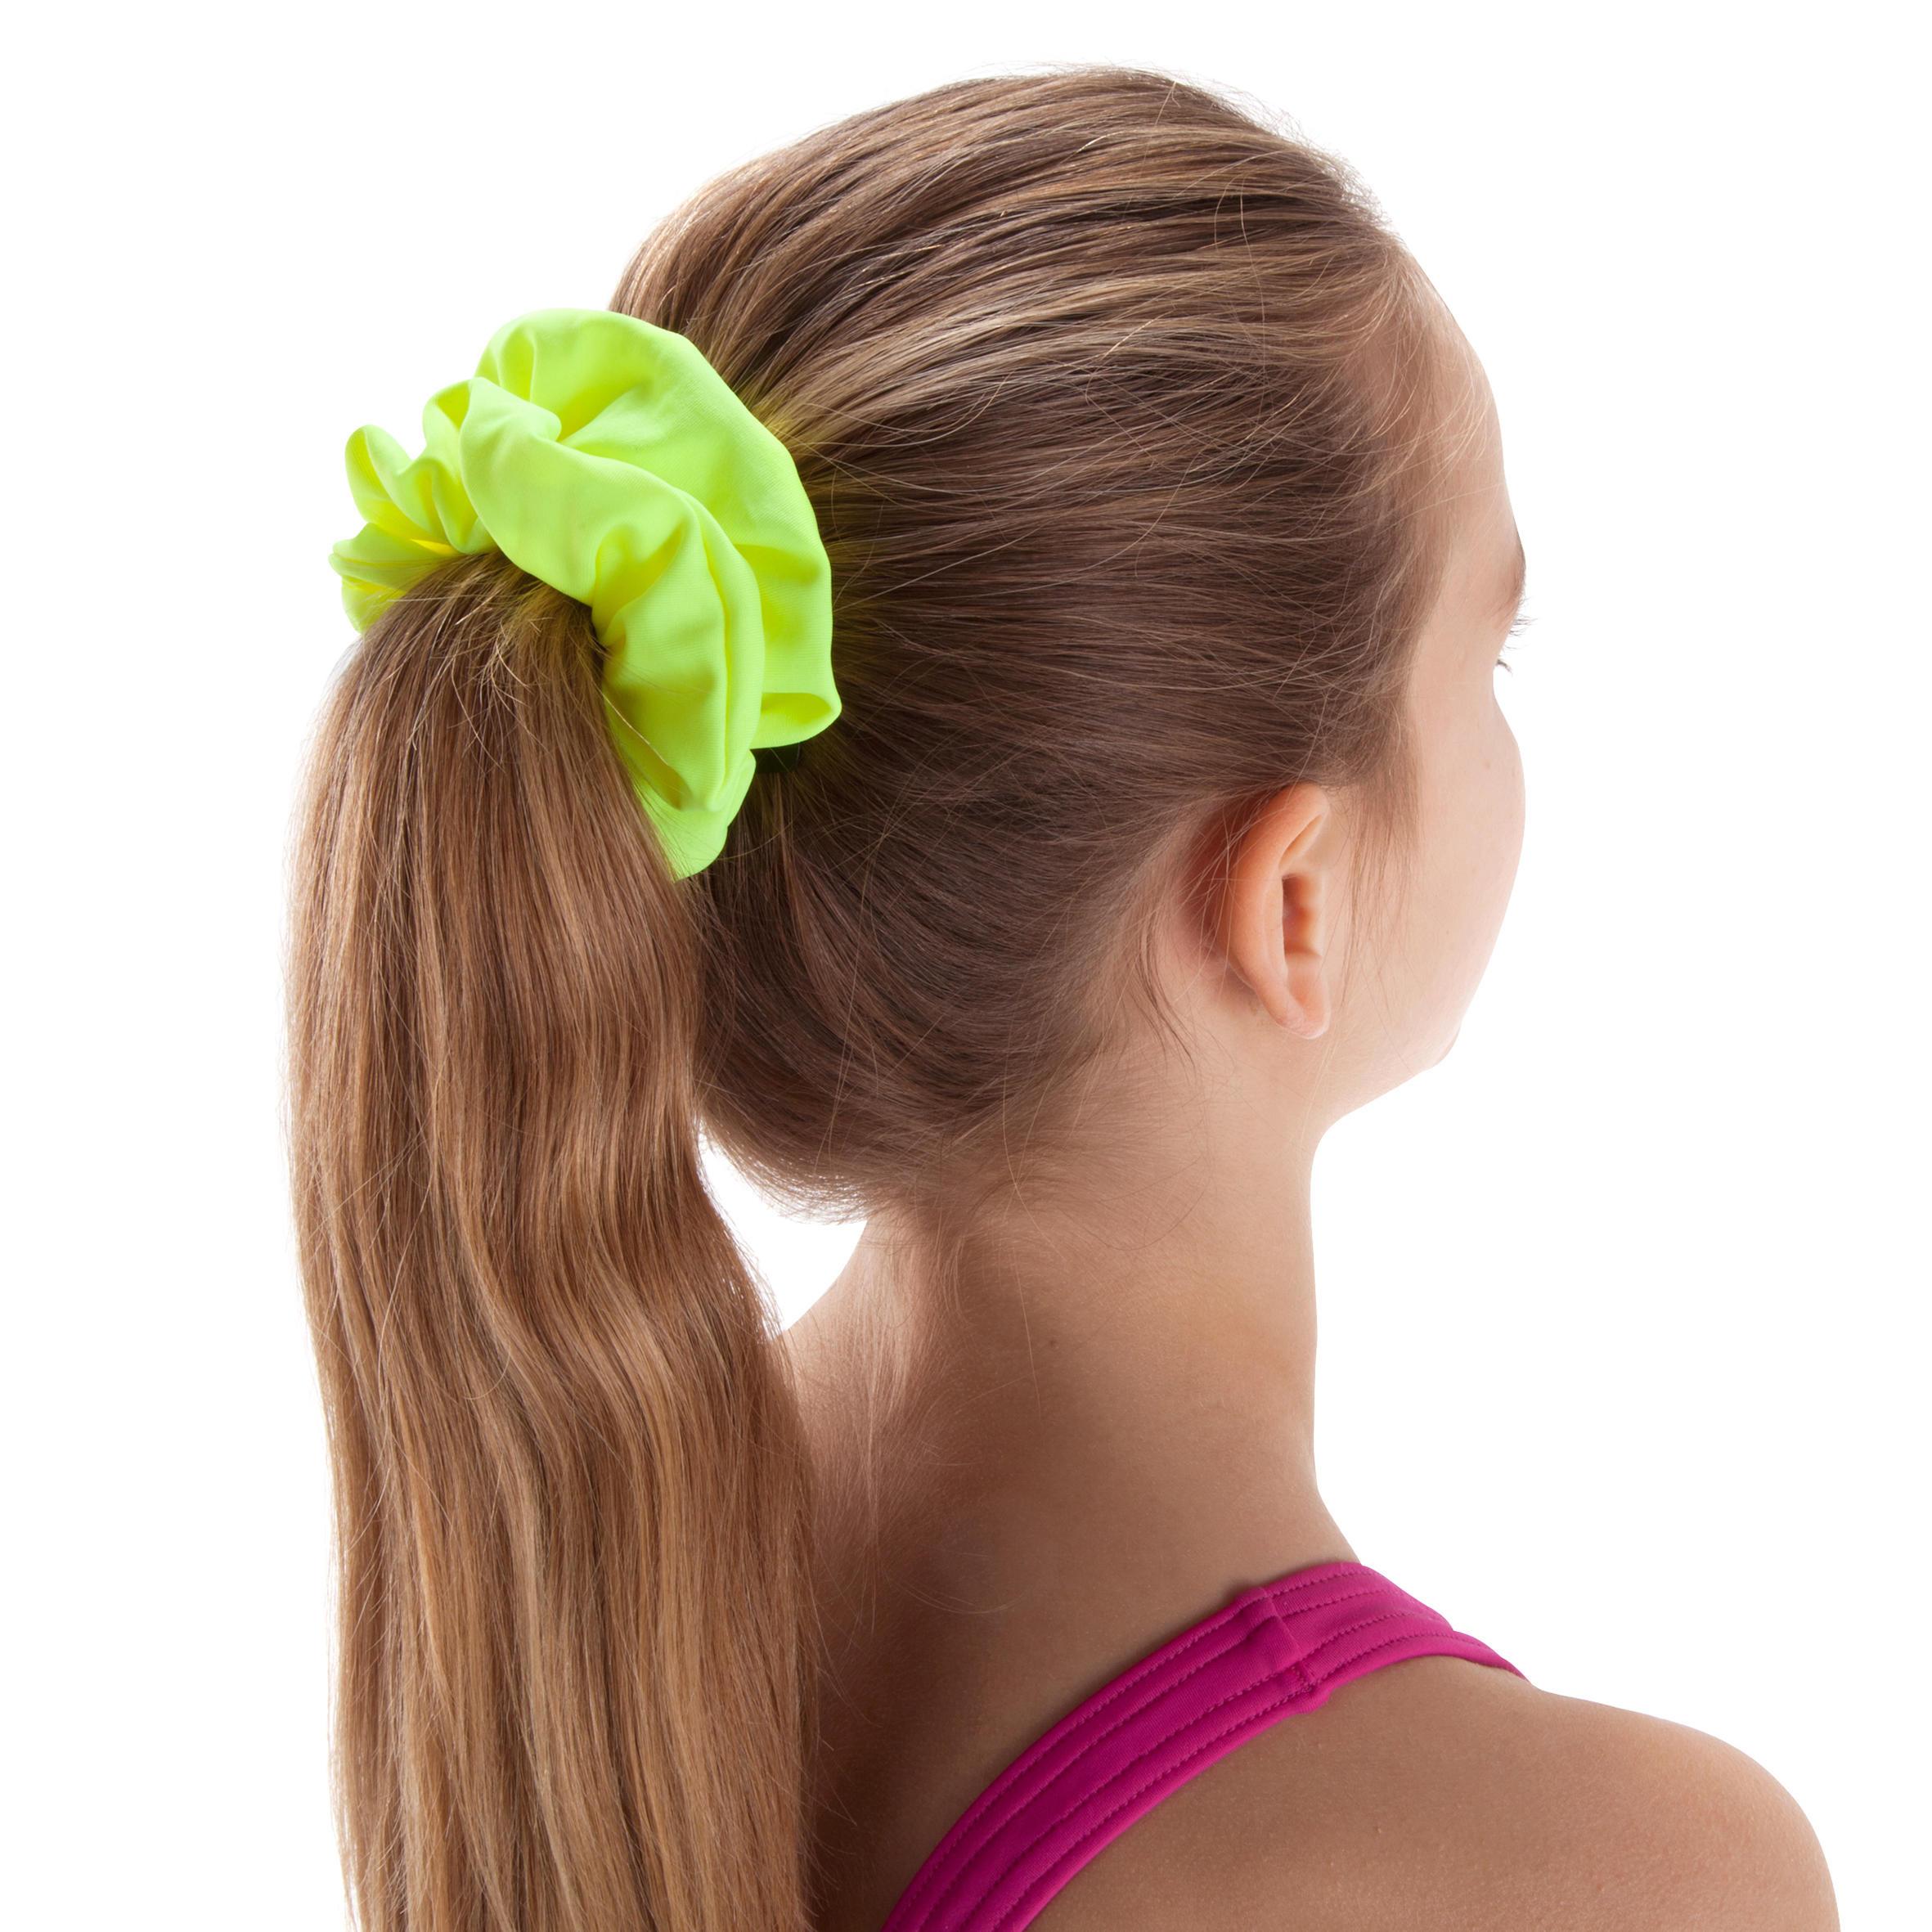 Girls' Swimming Hair Scrunchie - Yellow